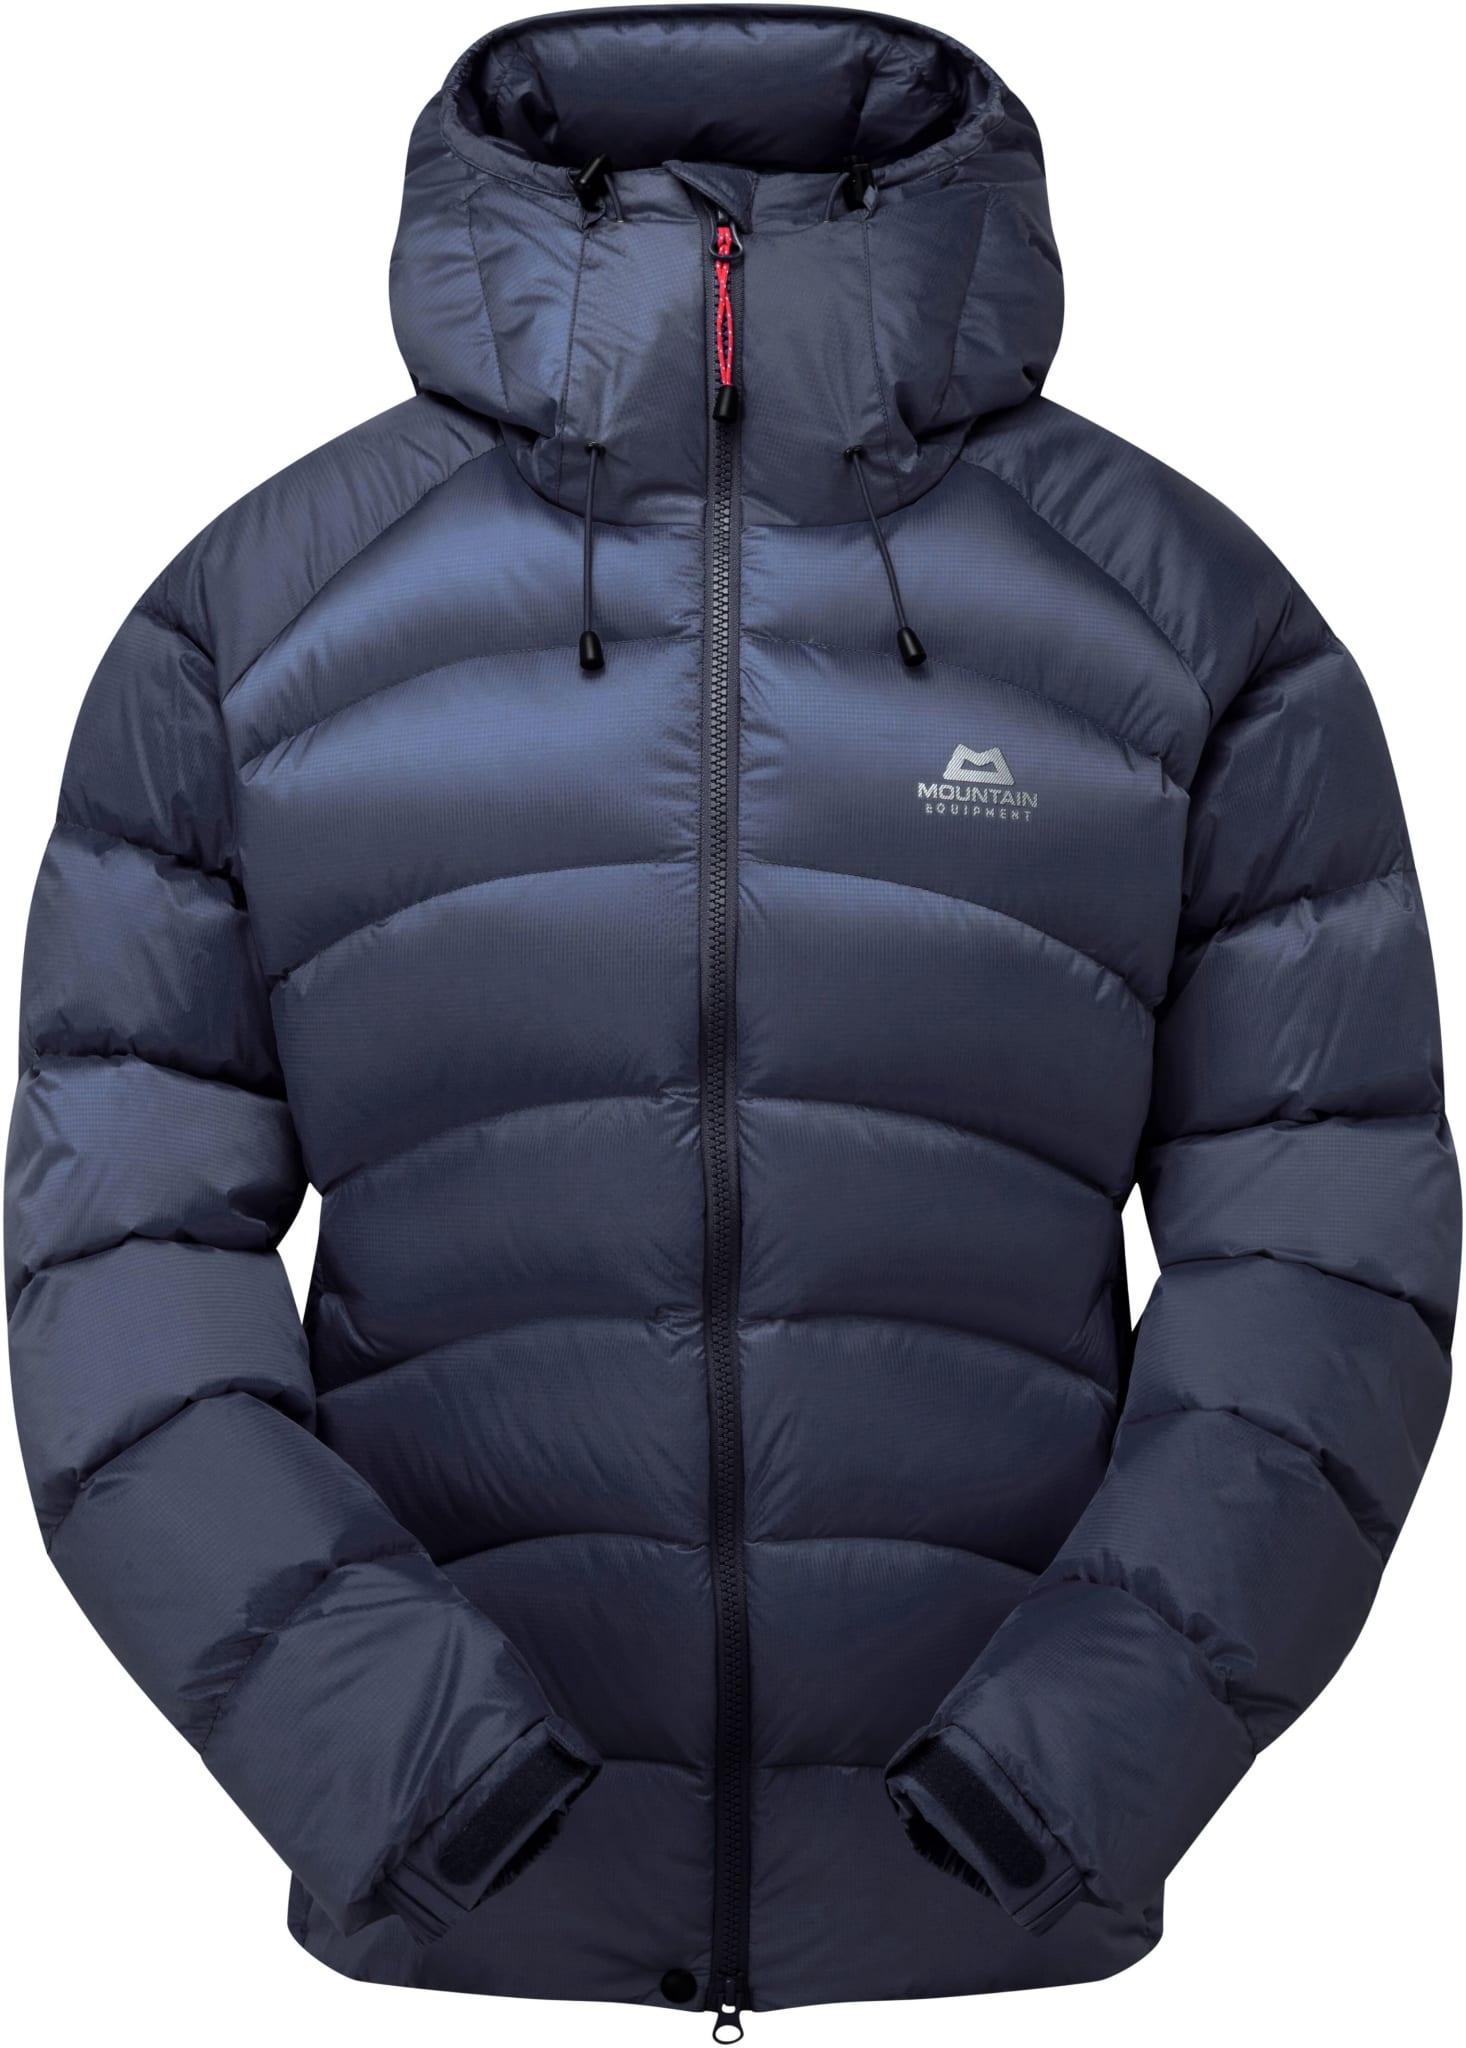 Lett, varm og rask jakke for fjellsport vinterstid